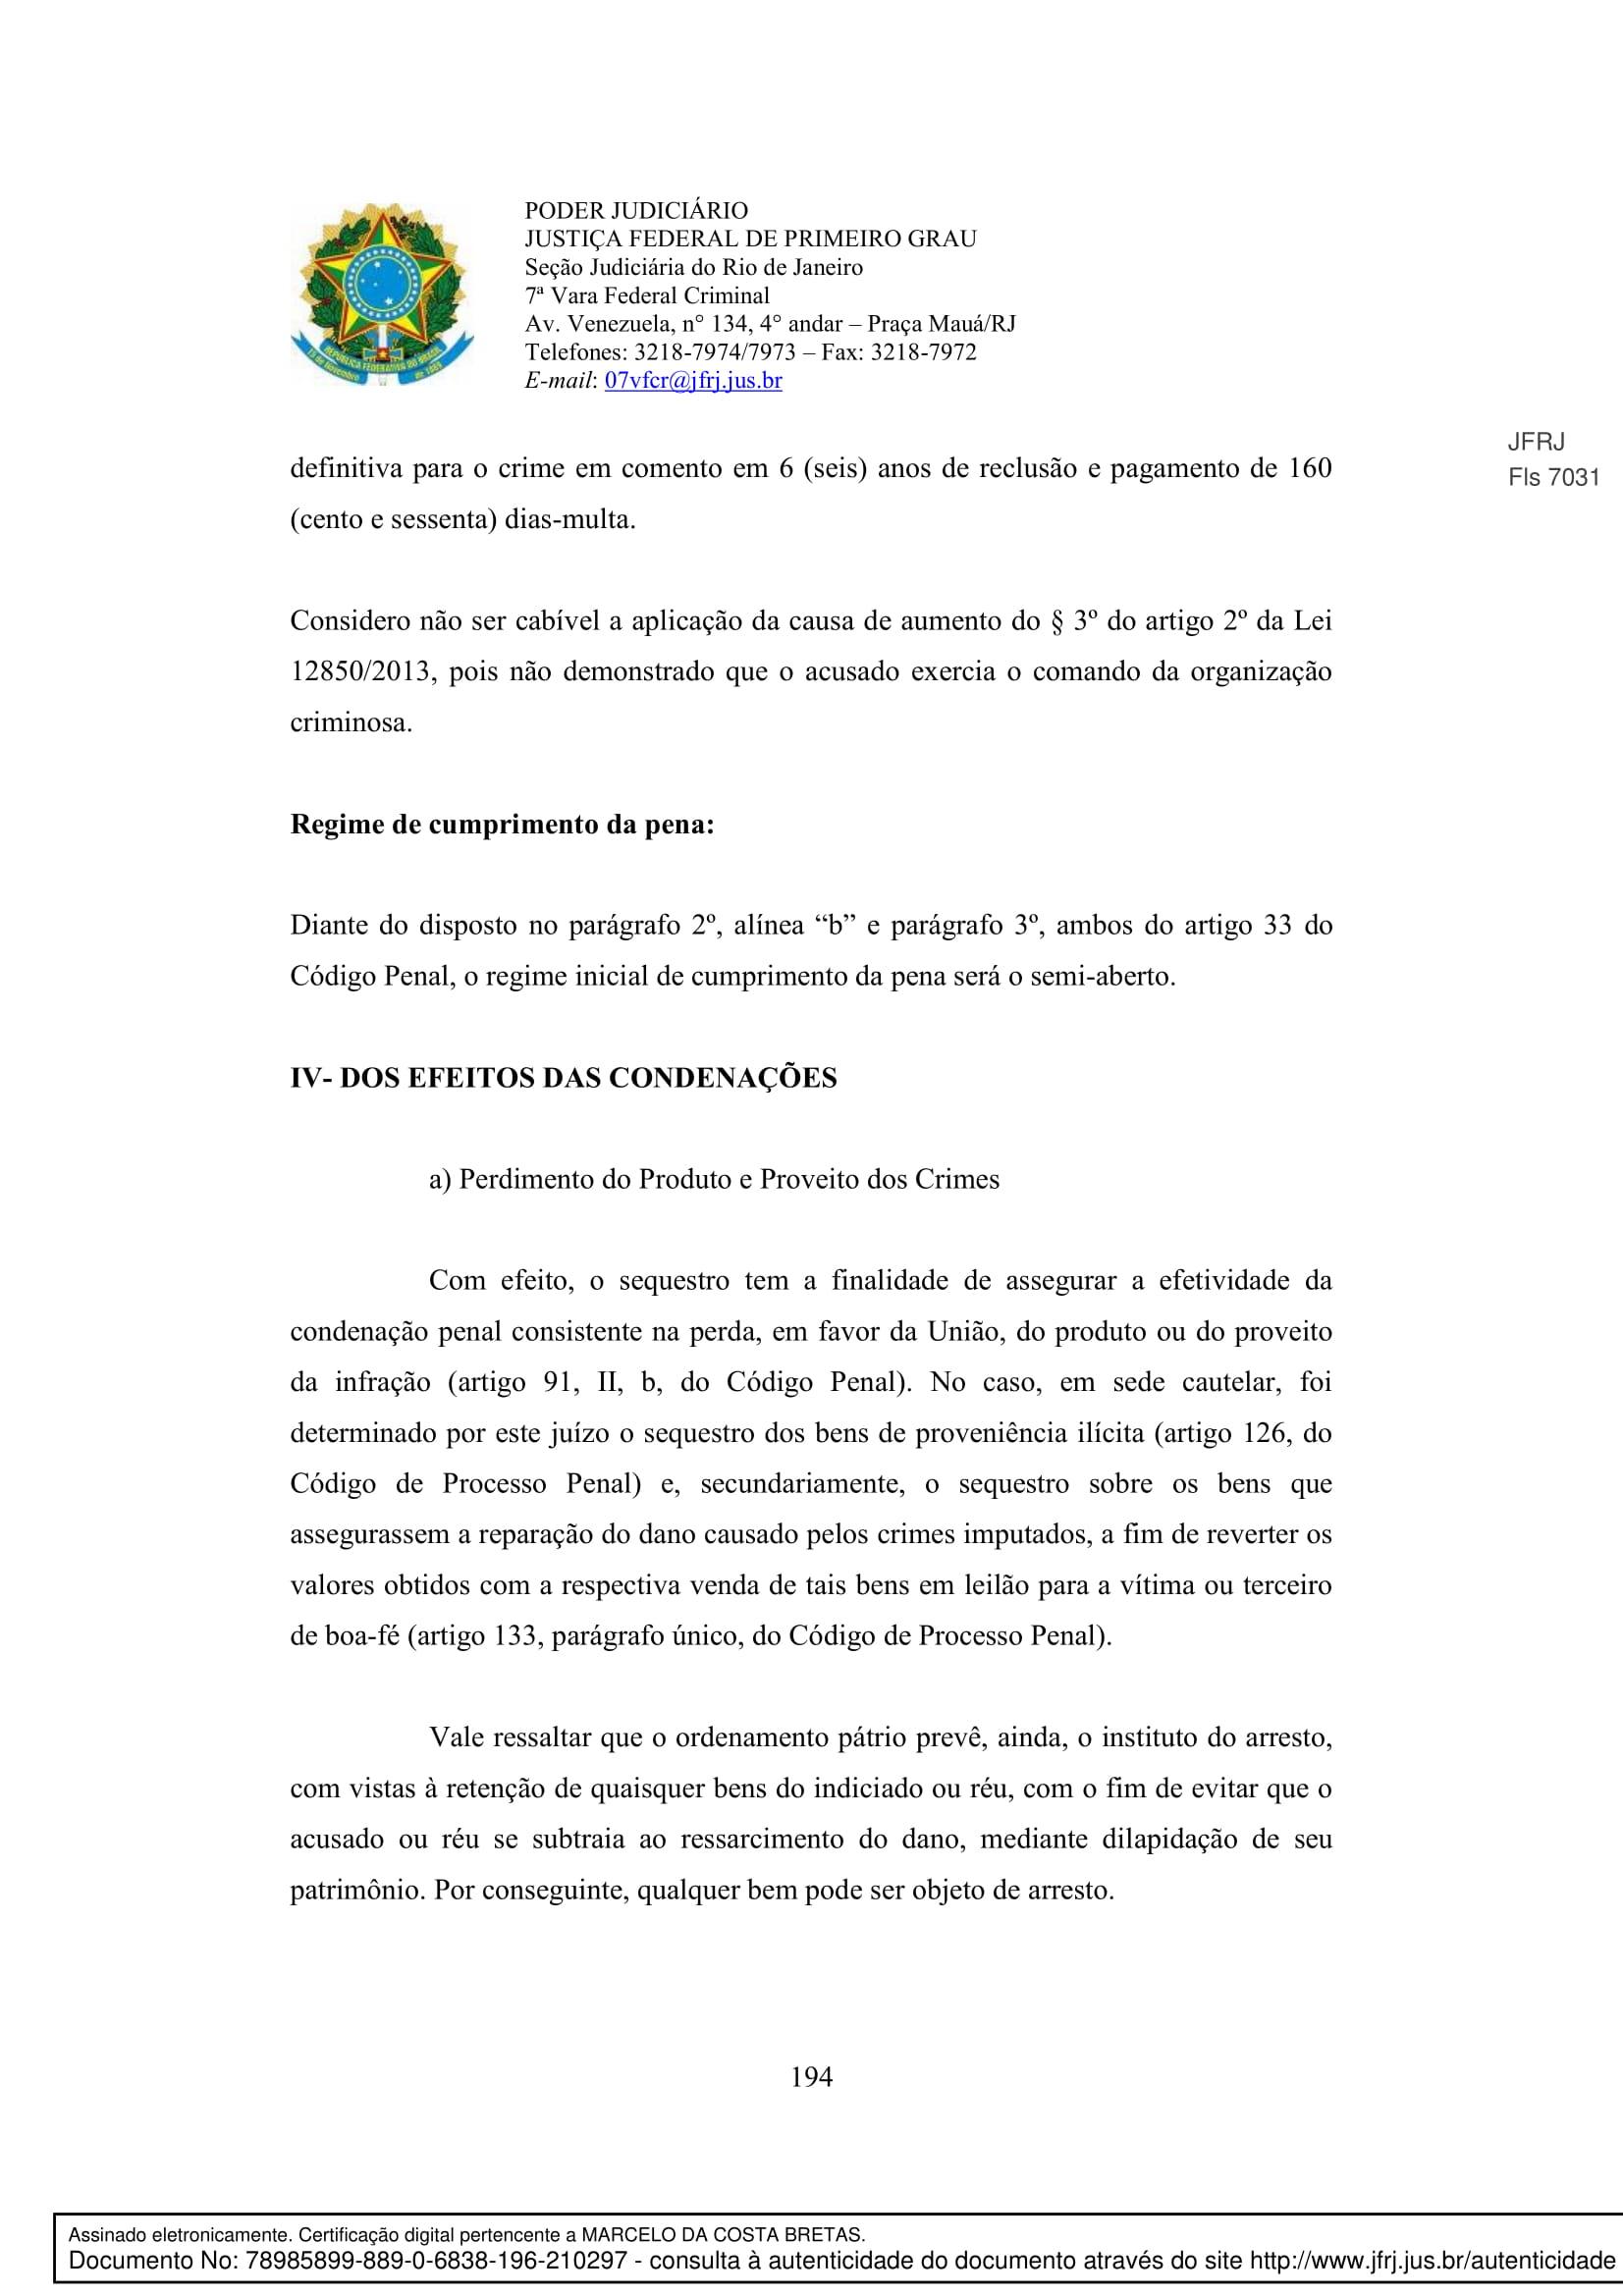 Sentenca-Cadeia-Velha-7VFC-194